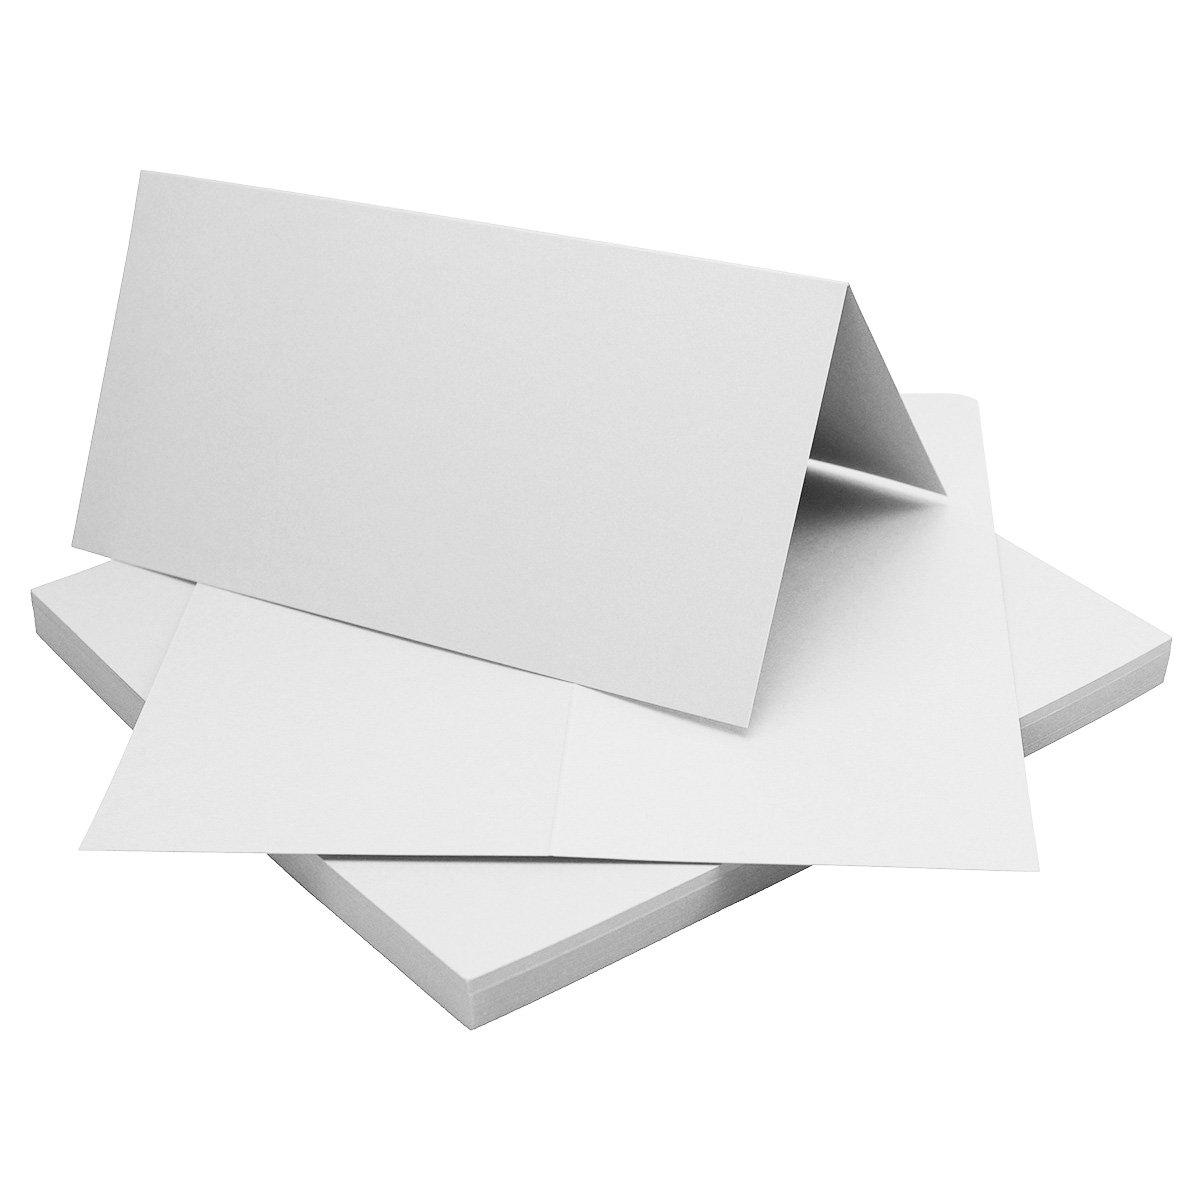 700 Faltkarten Din Lang - Hellgrau - Premium Qualität - 10,5 x 21 cm - Sehr formstabil - für Drucker Geeignet  - Qualitätsmarke  NEUSER FarbenFroh B07FKP91BZ | Hochwertige Materialien